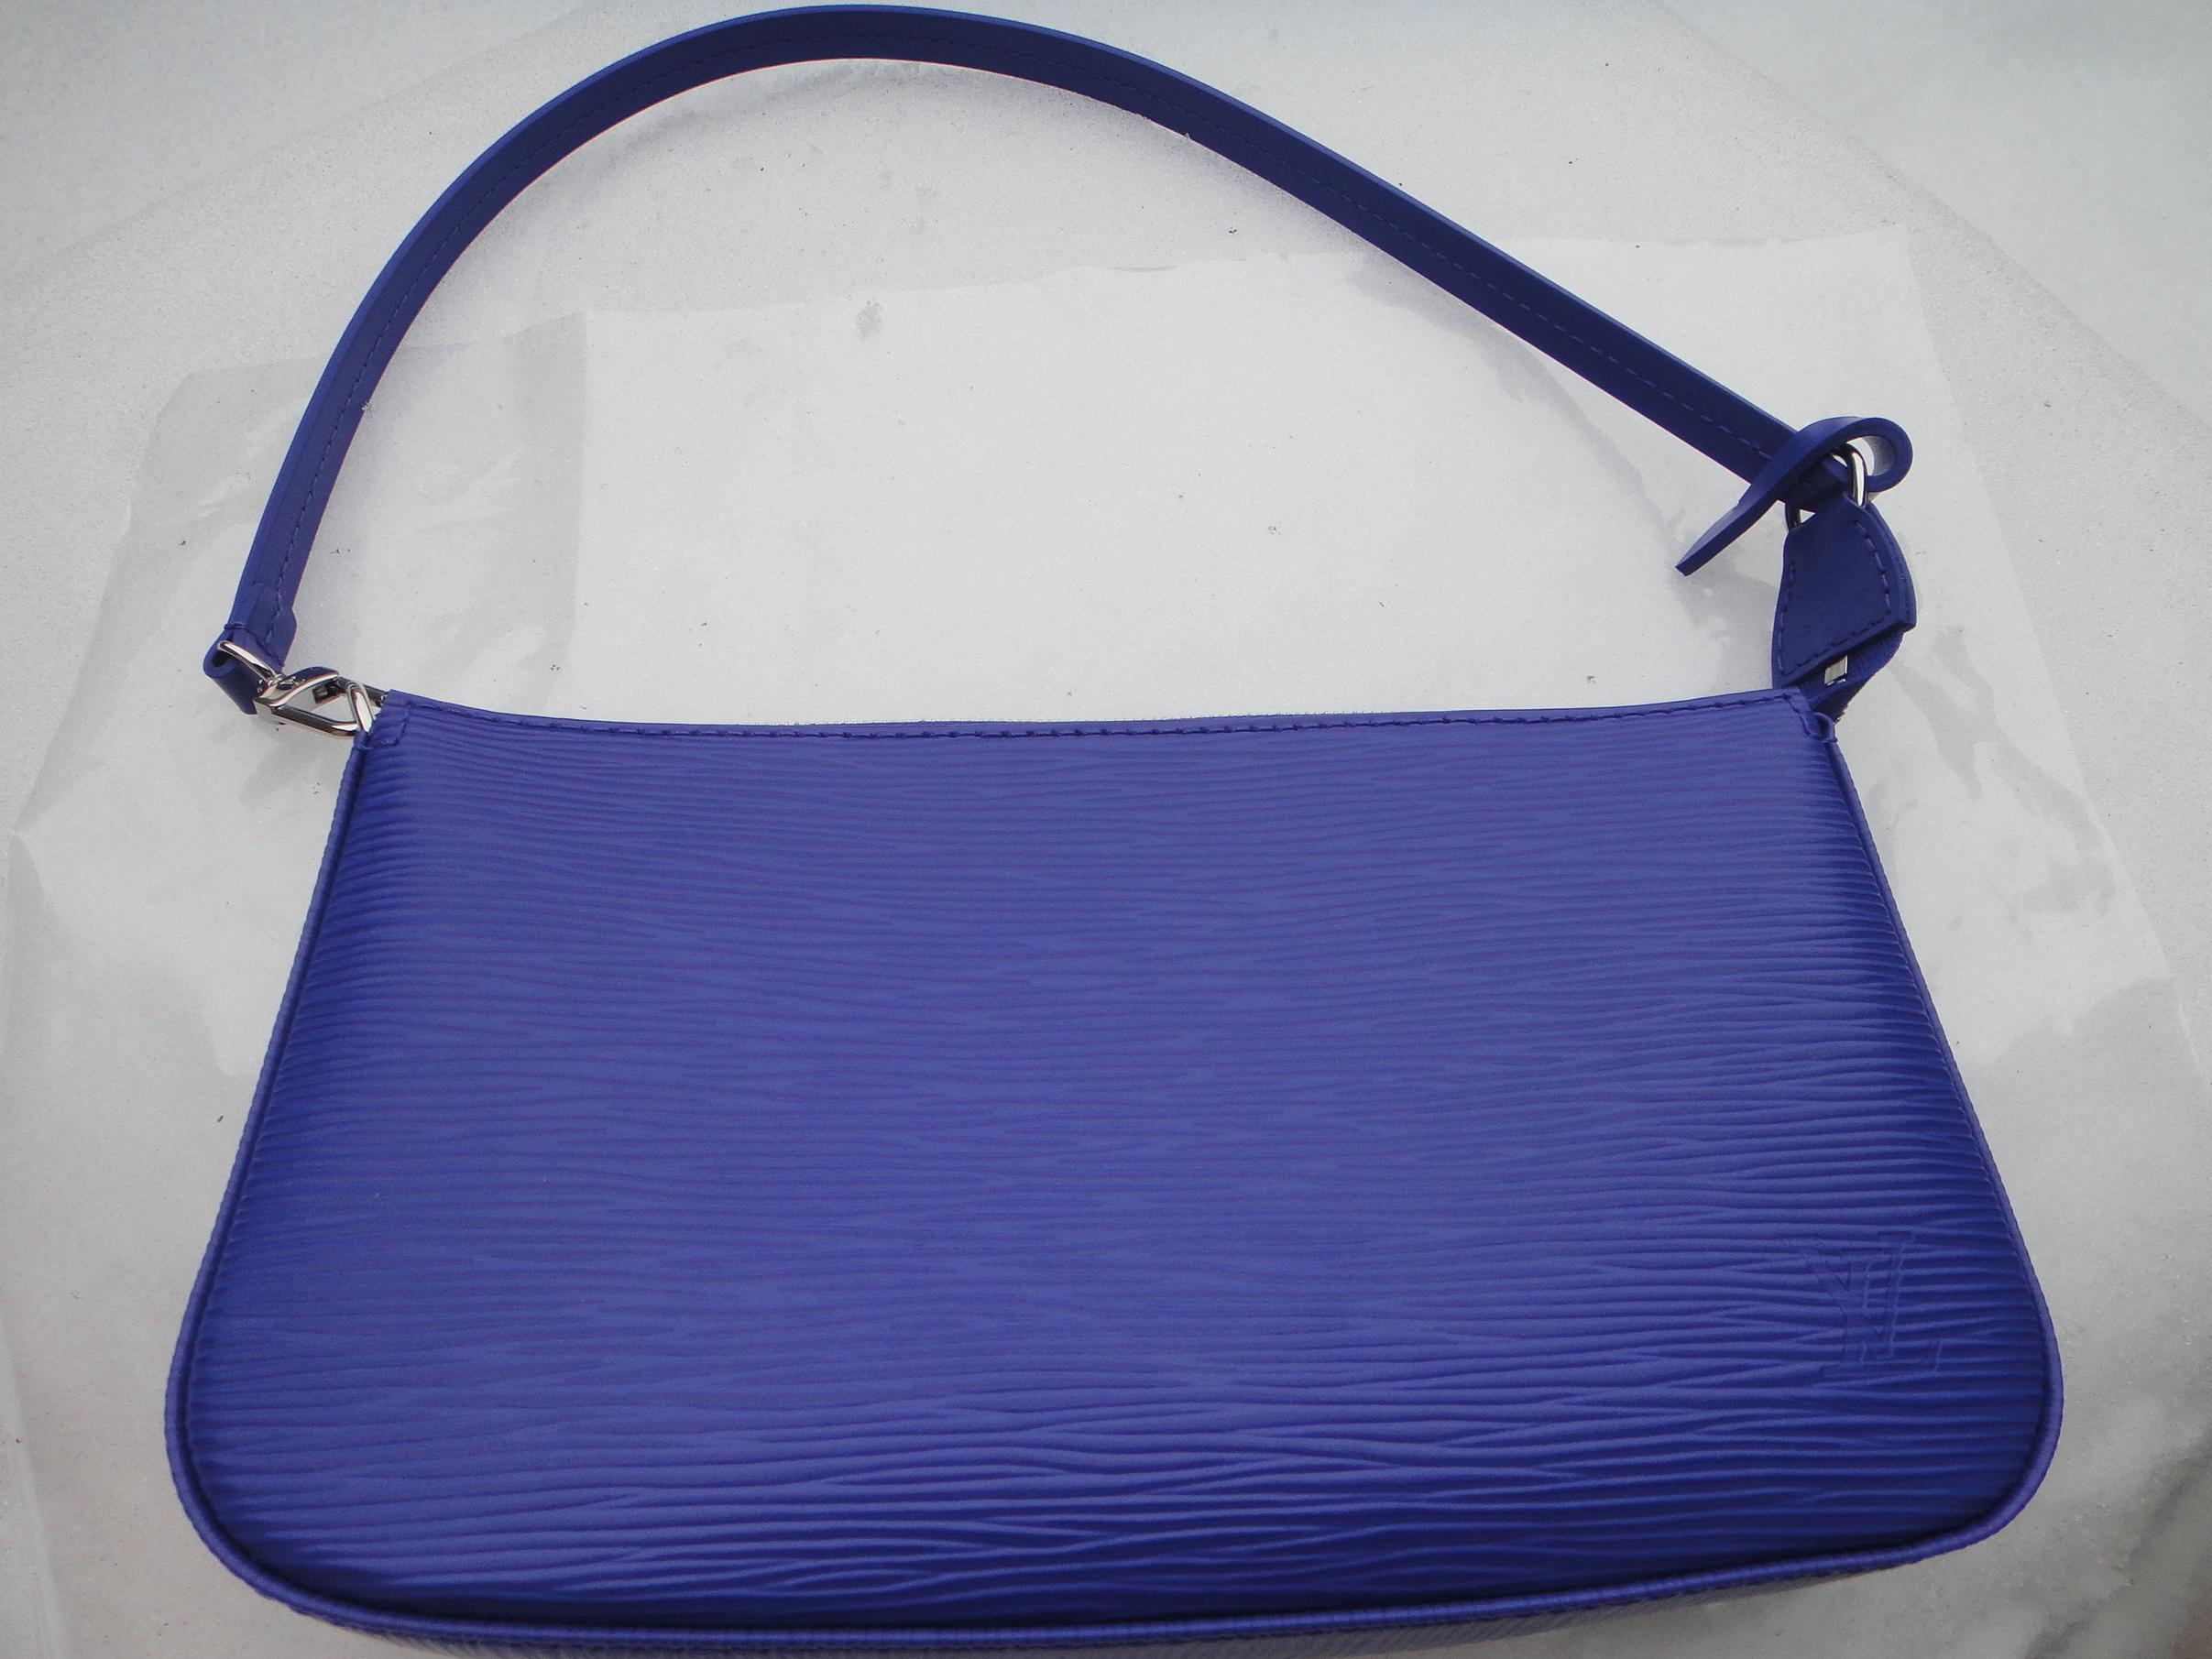 Louis Vuitton Pochette Accessoires - FIGUE